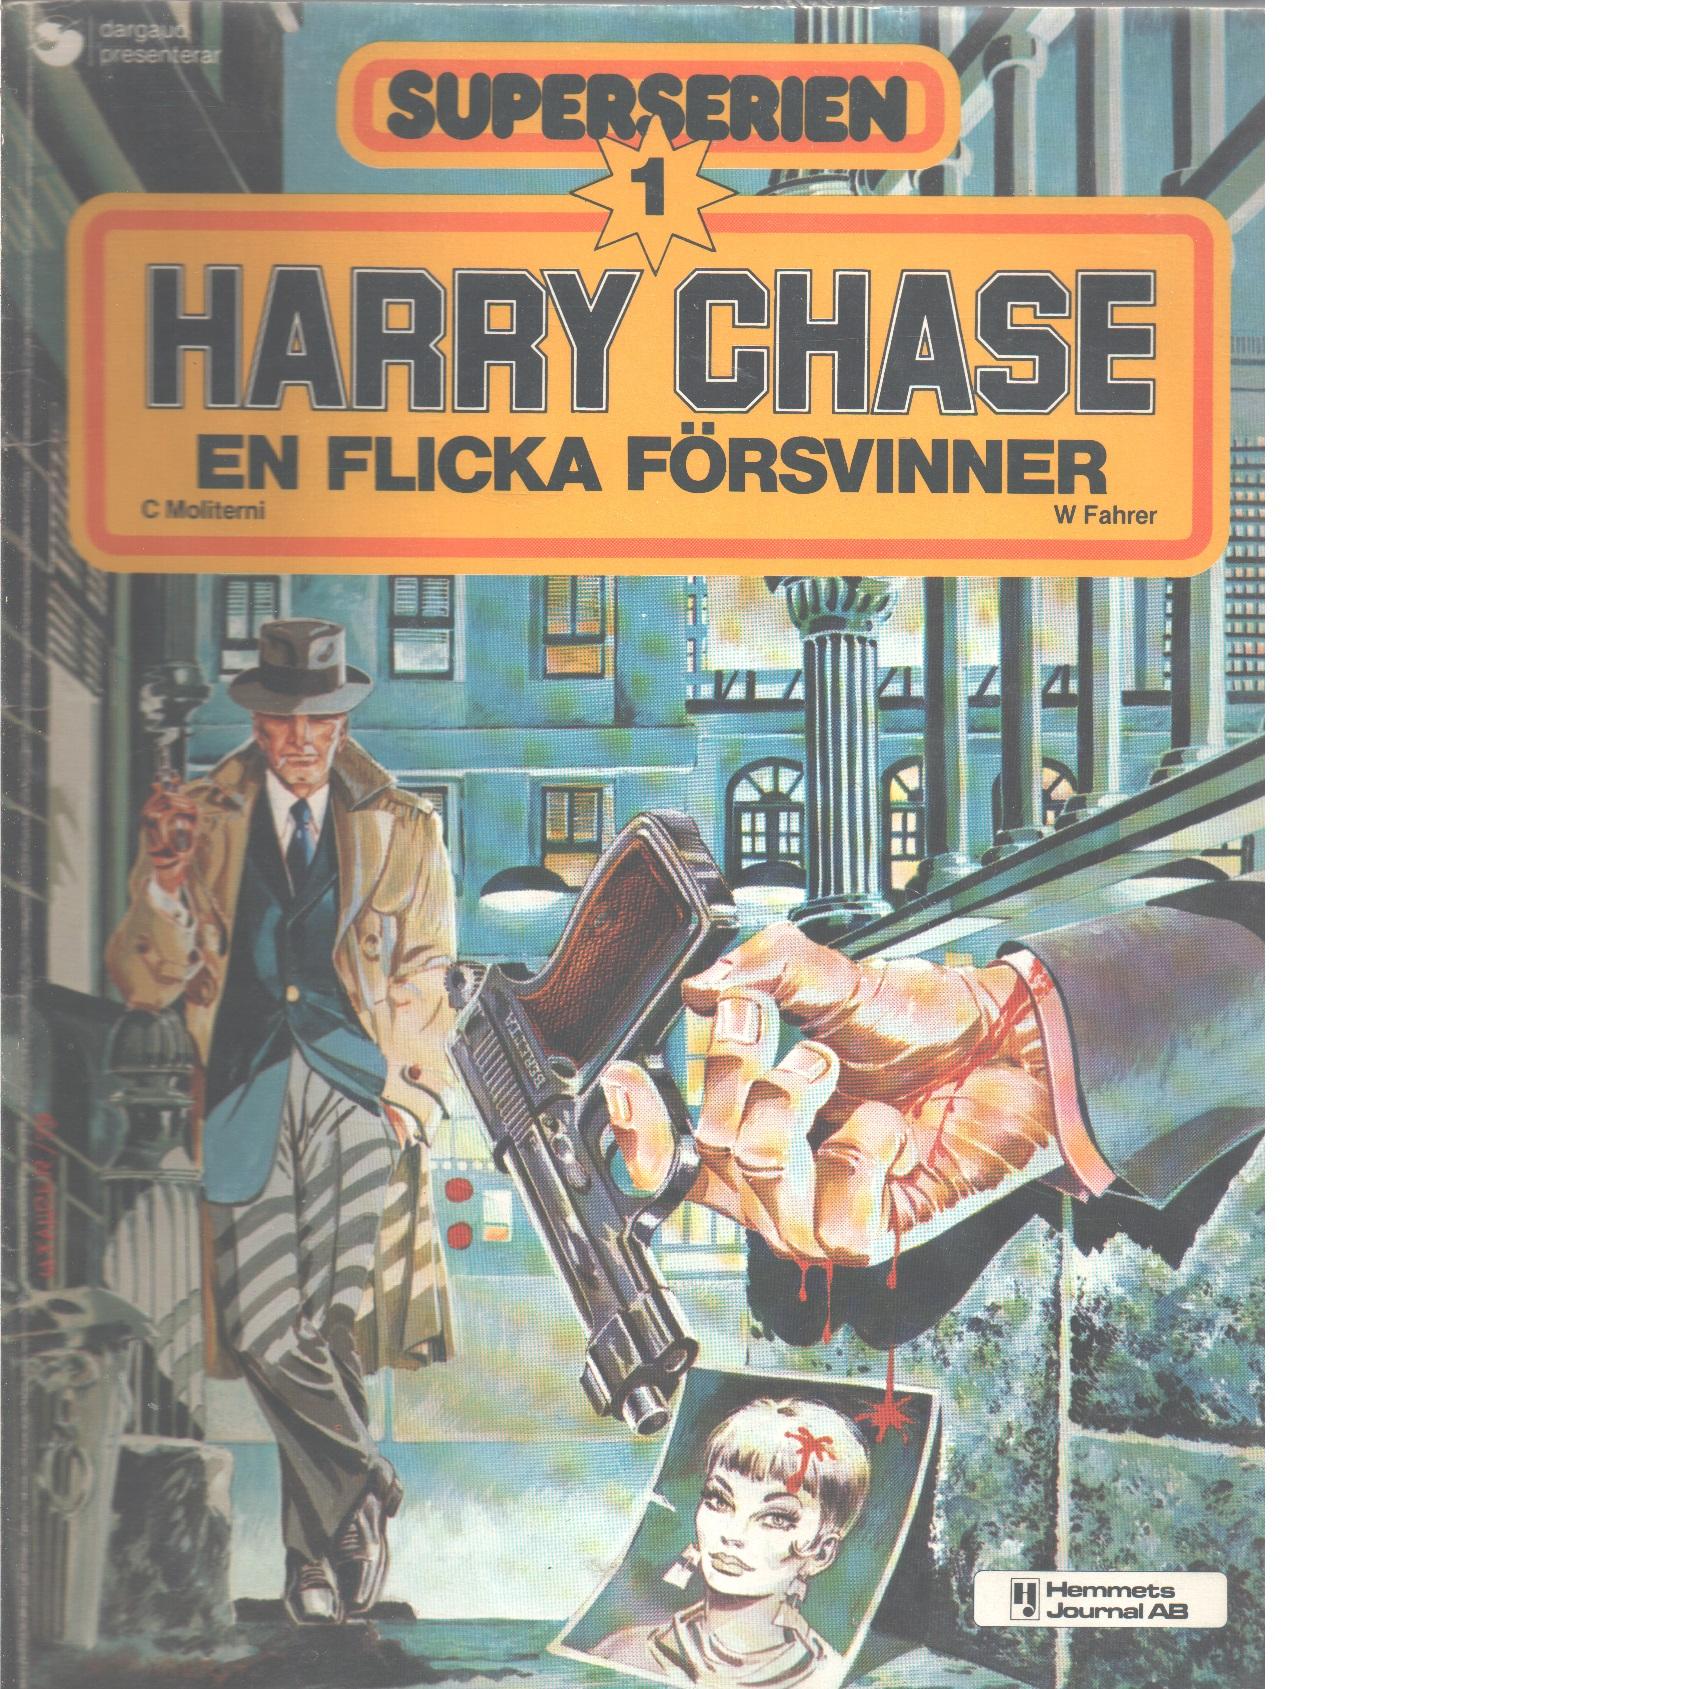 Harry Chase - en flicka försvinner - Moliterni, Claude och Fahrer, Walter